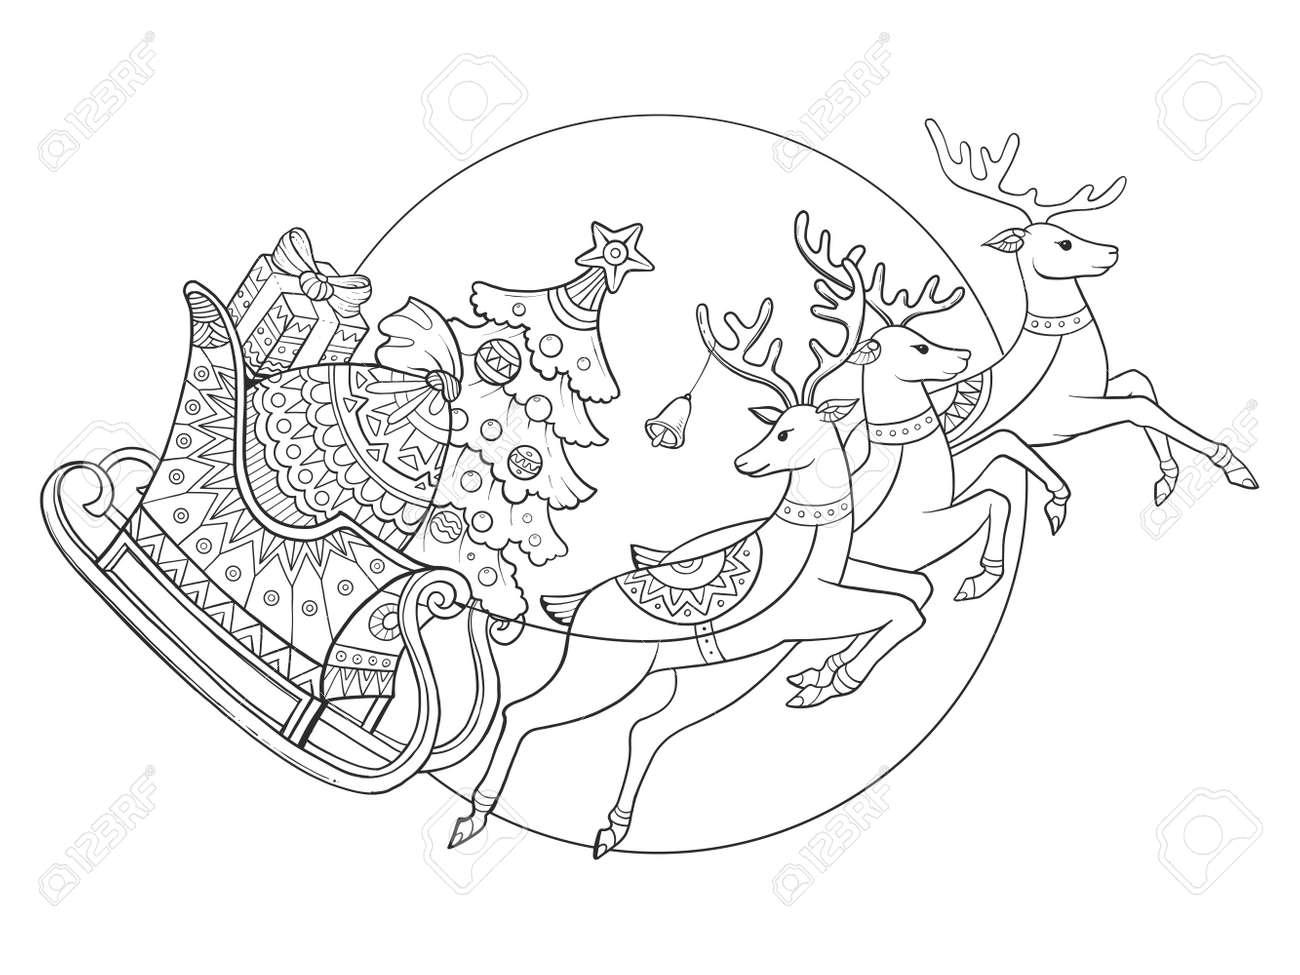 Traîneau De Noël Avec Des Rennes Cartoon Illustration Vectorielle